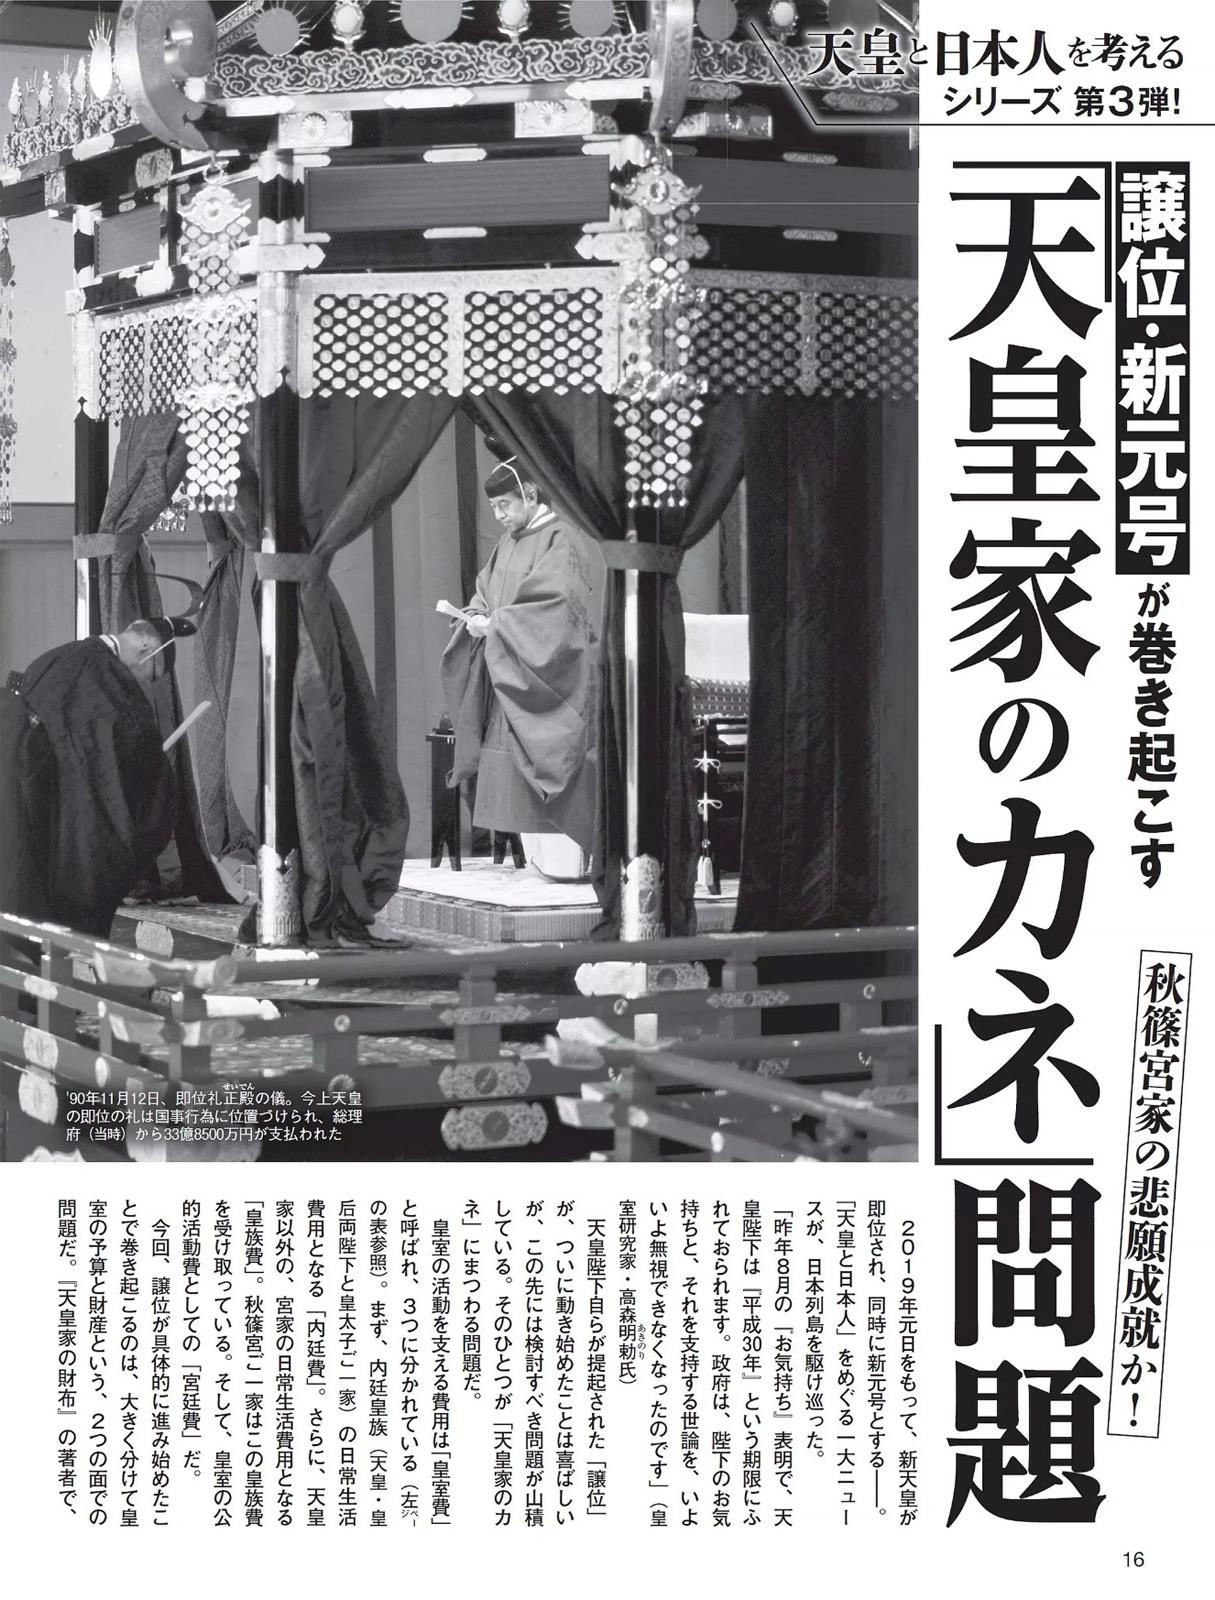 천황과 일본인 제3탄. 천황가의 돈 문제. 삼종신기는..